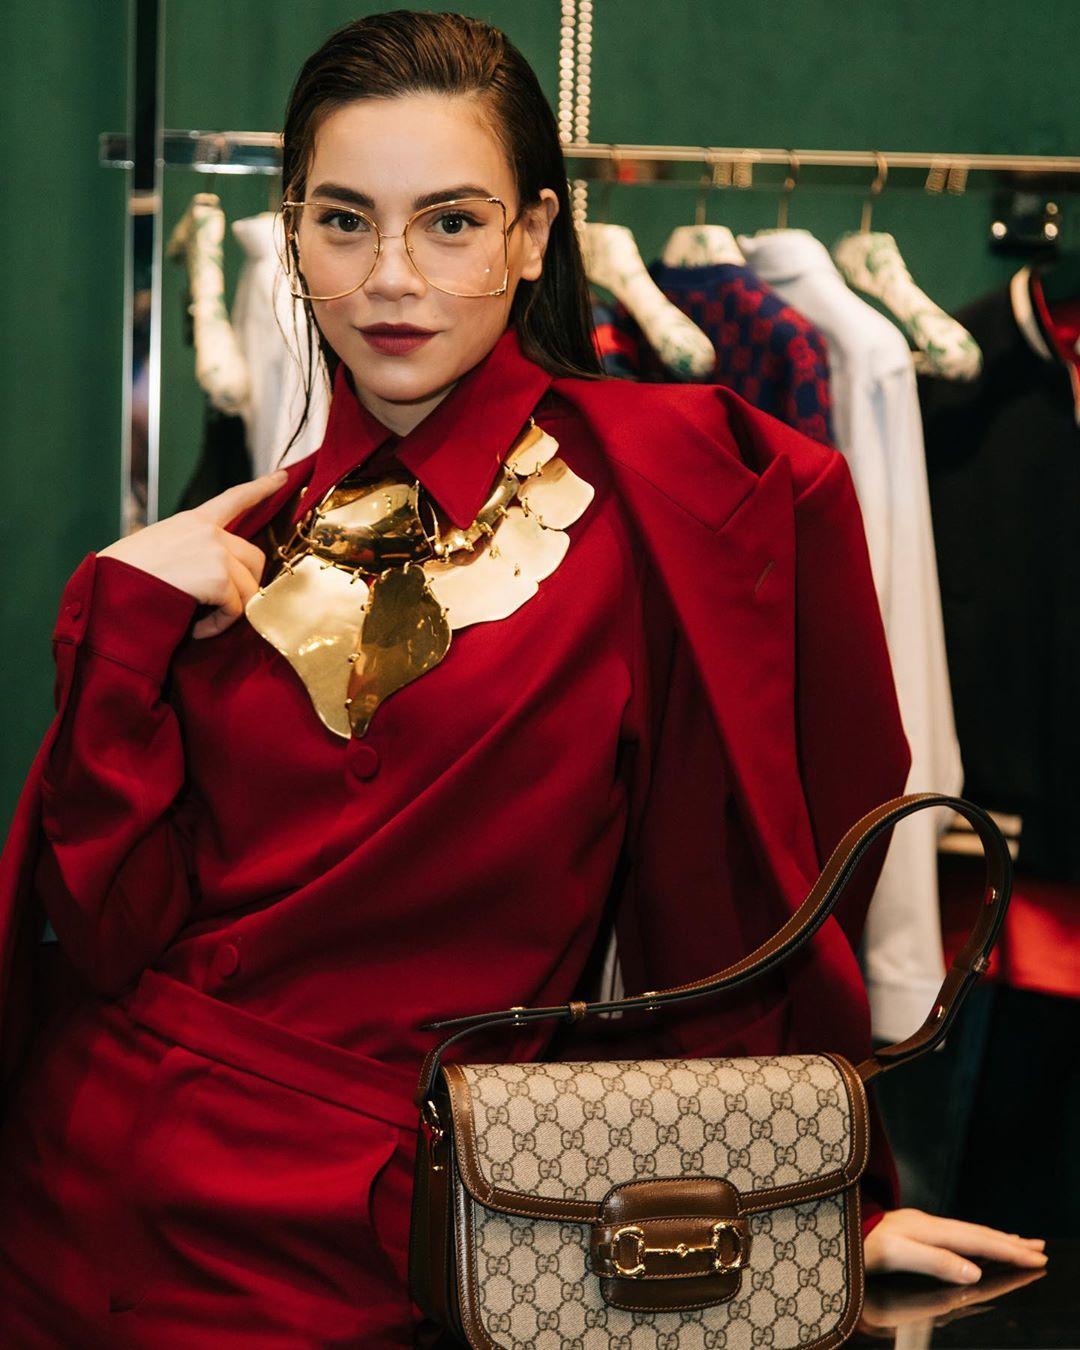 Dress code formal - Hồ Ngọc Hà mặc âu phục Gucci màu đỏ rượu